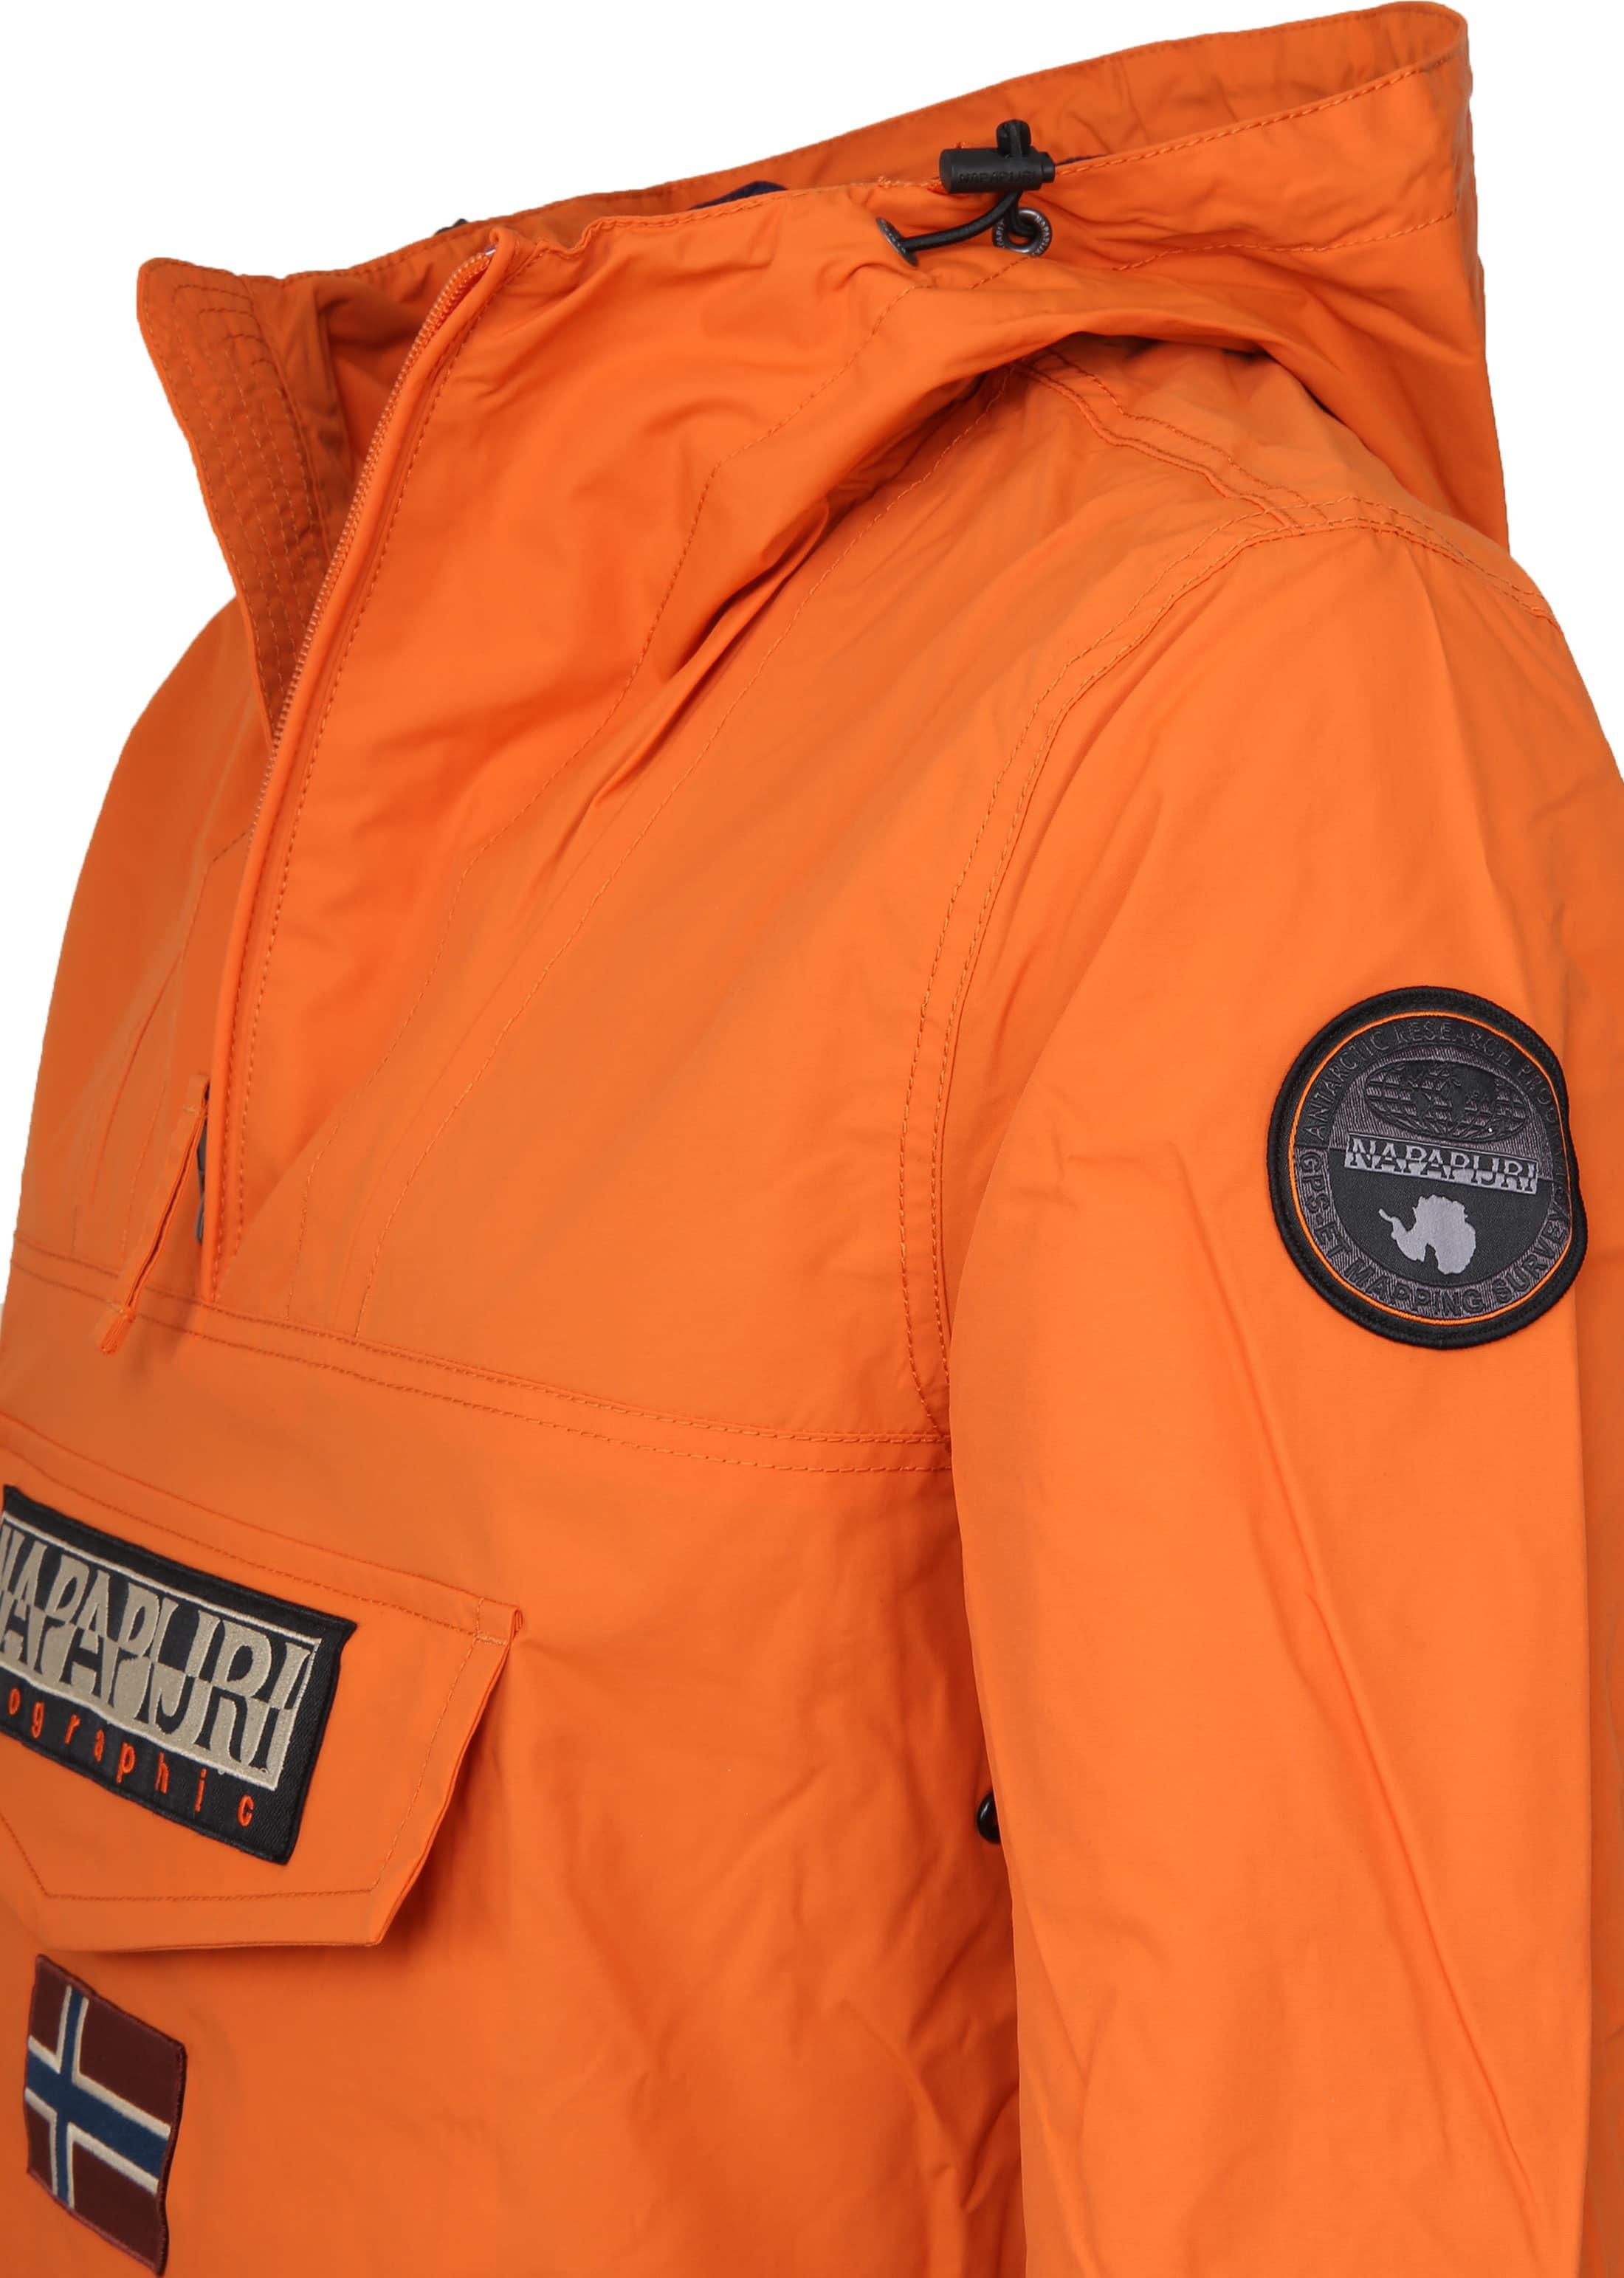 Napapijri Rainforest Summer Jacket Orange  foto 4